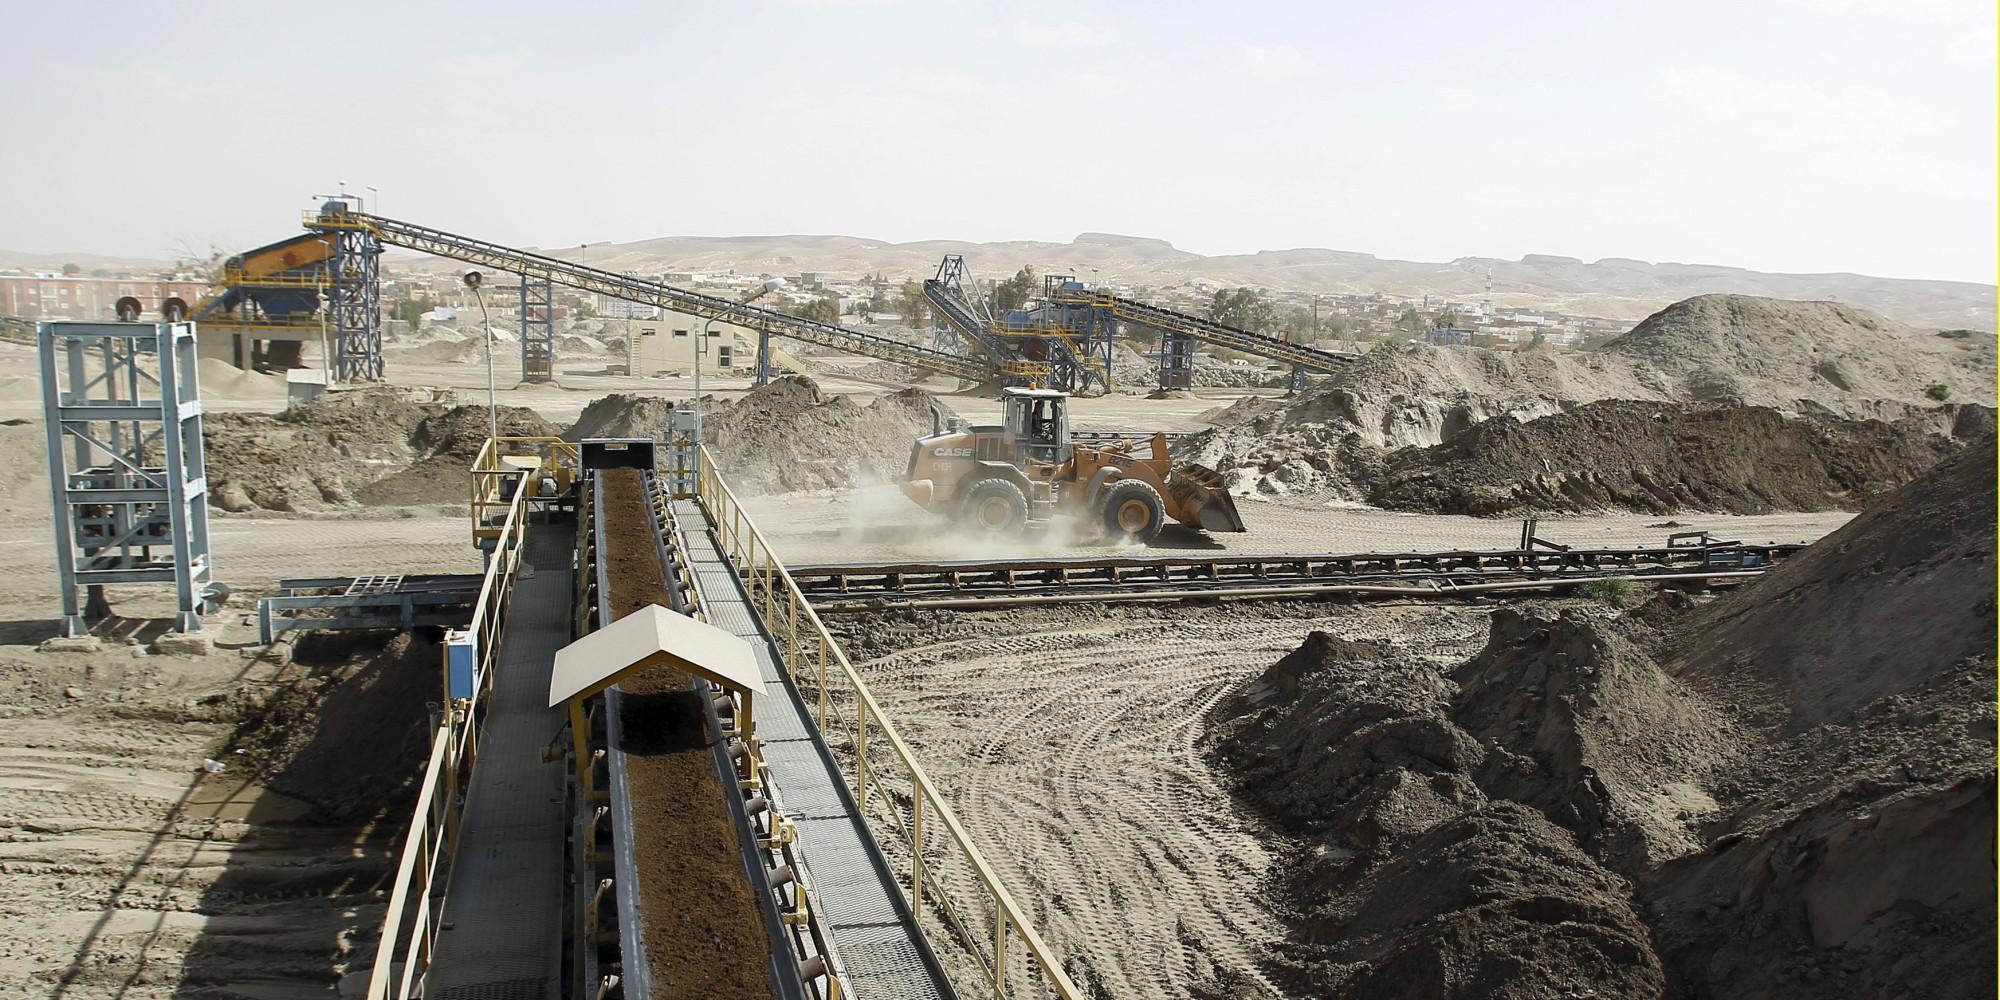 Tunisie-Gafsa: La production et le transport de phosphates arrêtés depuis hier soir